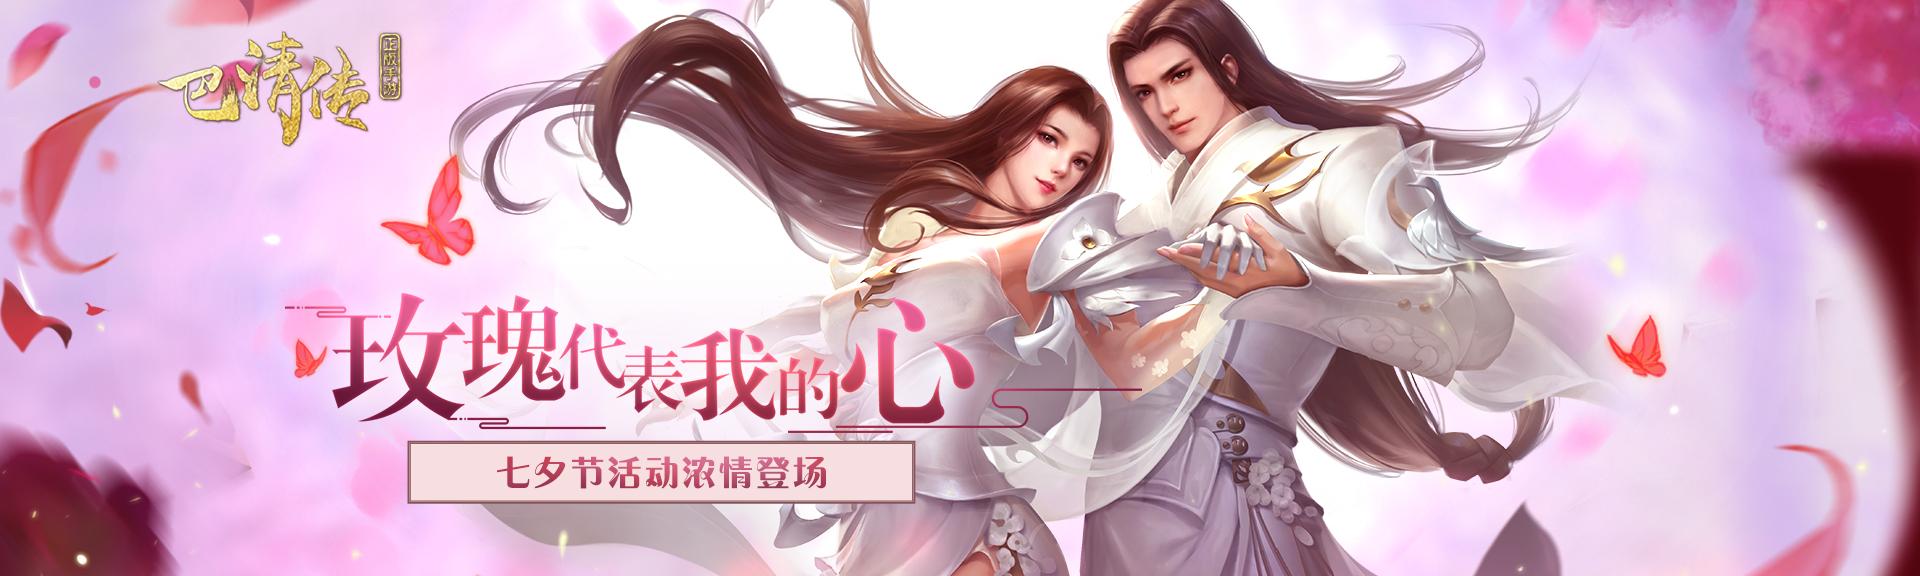 玫瑰代表我的心《巴清传》七夕新版本浓情登场